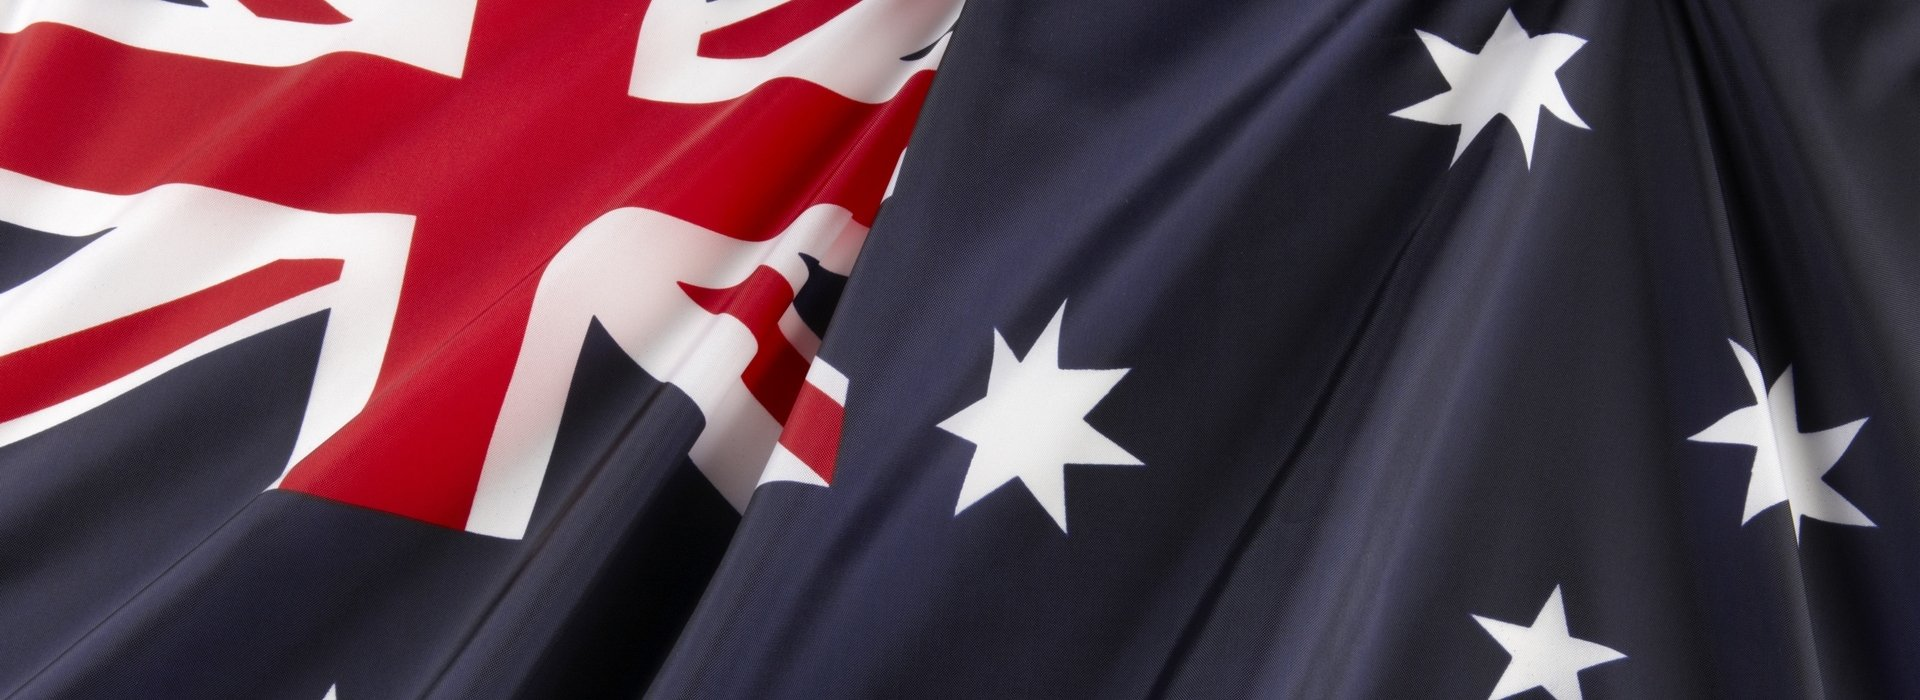 Budapesti Nagykövetségek – Ausztráliai Országok